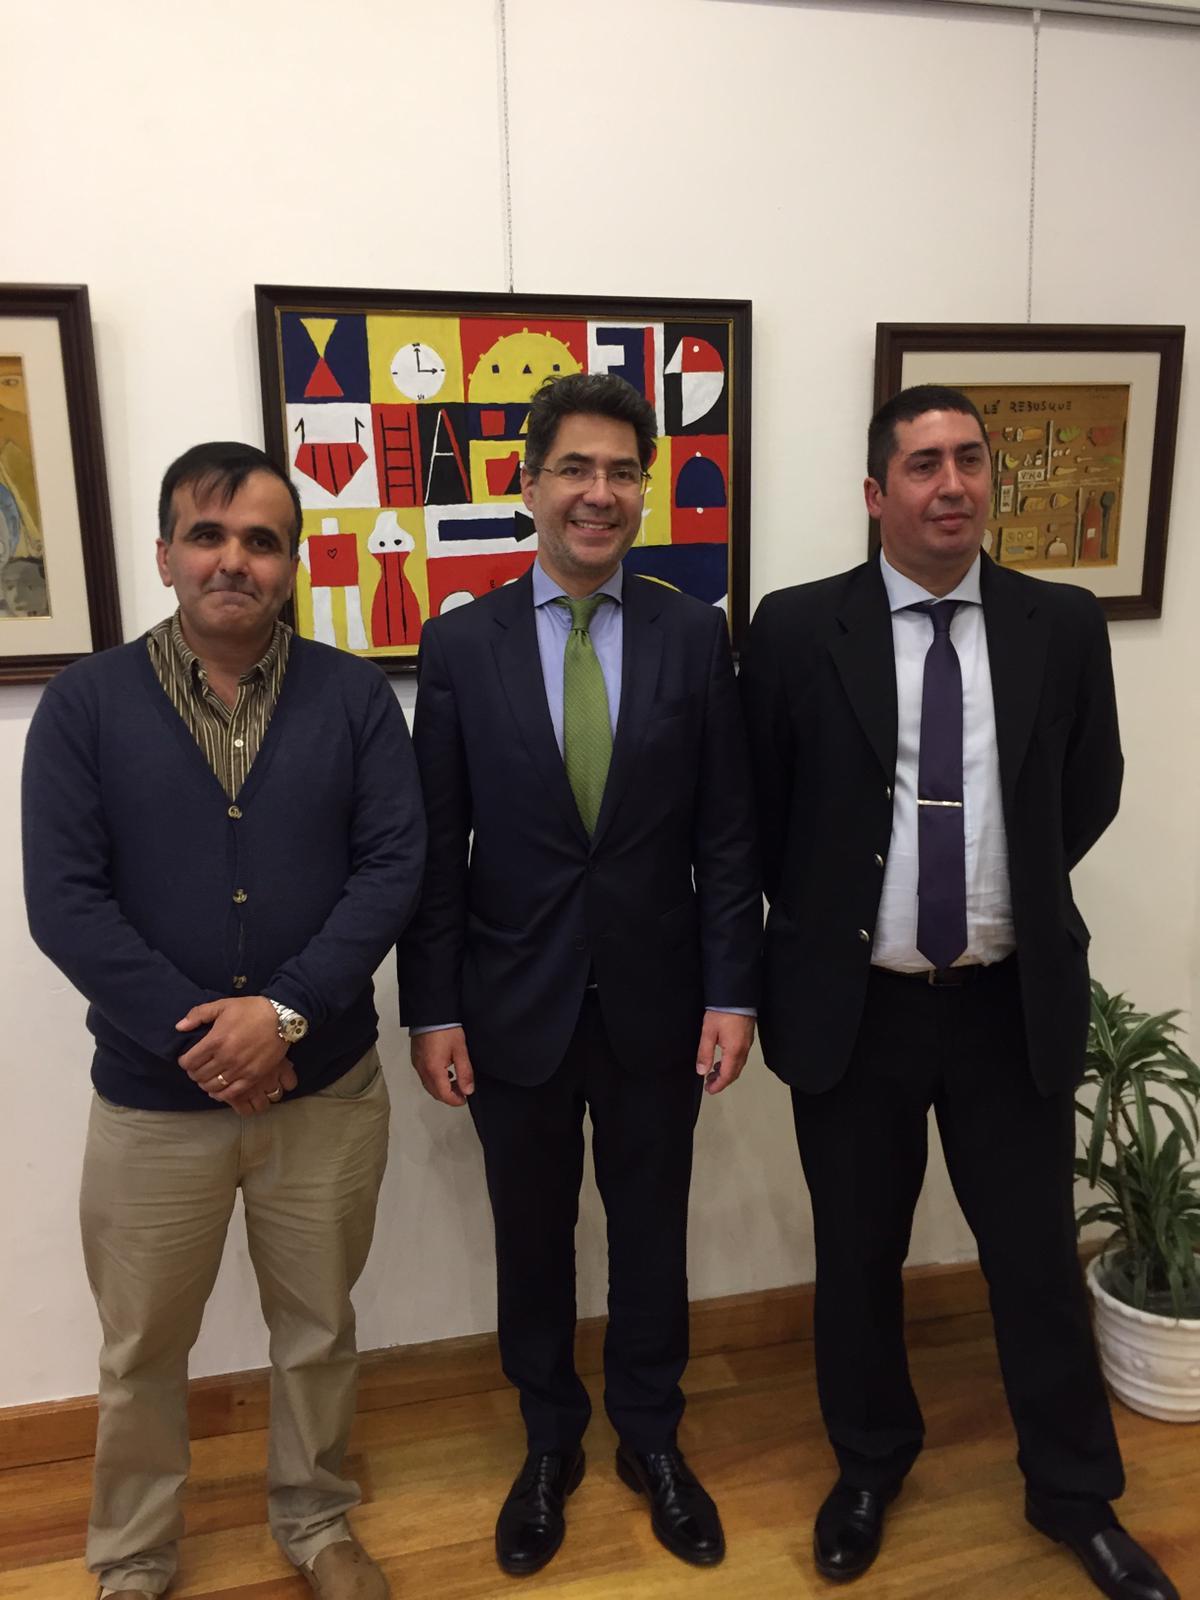 Nicolás Bentancor, Consejero Cultural de la Embajada de España Luis Romera Pintor, y Edgardo Lopardo, en la apertura de la exposición en el ICE